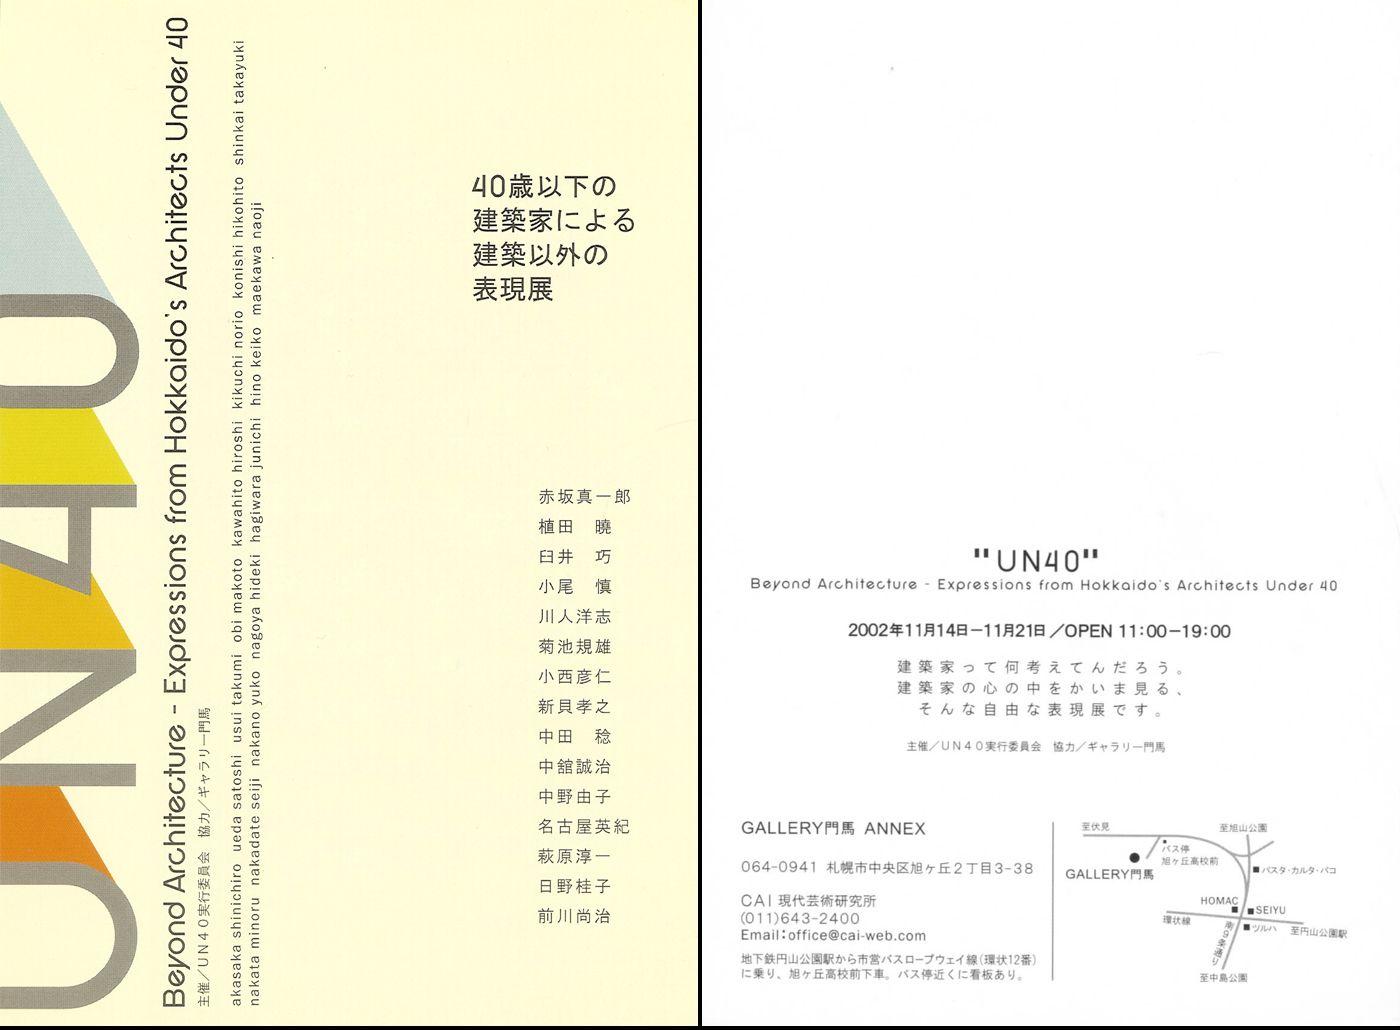 UN40 ~ 40歳以下の北海道の建築家による建築以外の表現展 vol.1